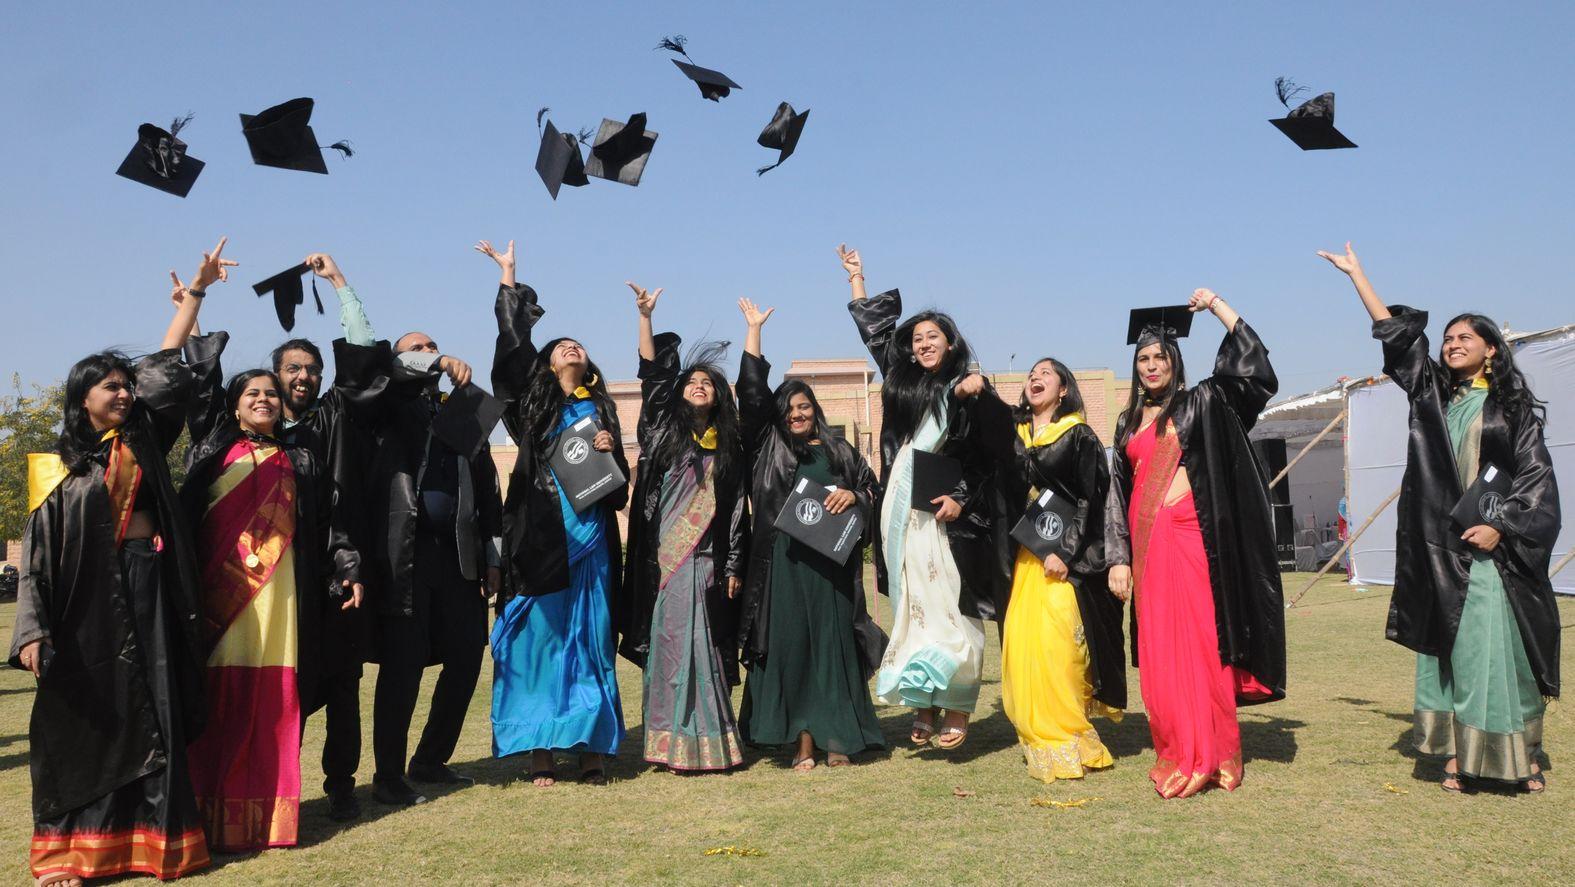 जोधपुर के 3 विश्वविद्यालयों का दीक्षांत समारोह इसी माह